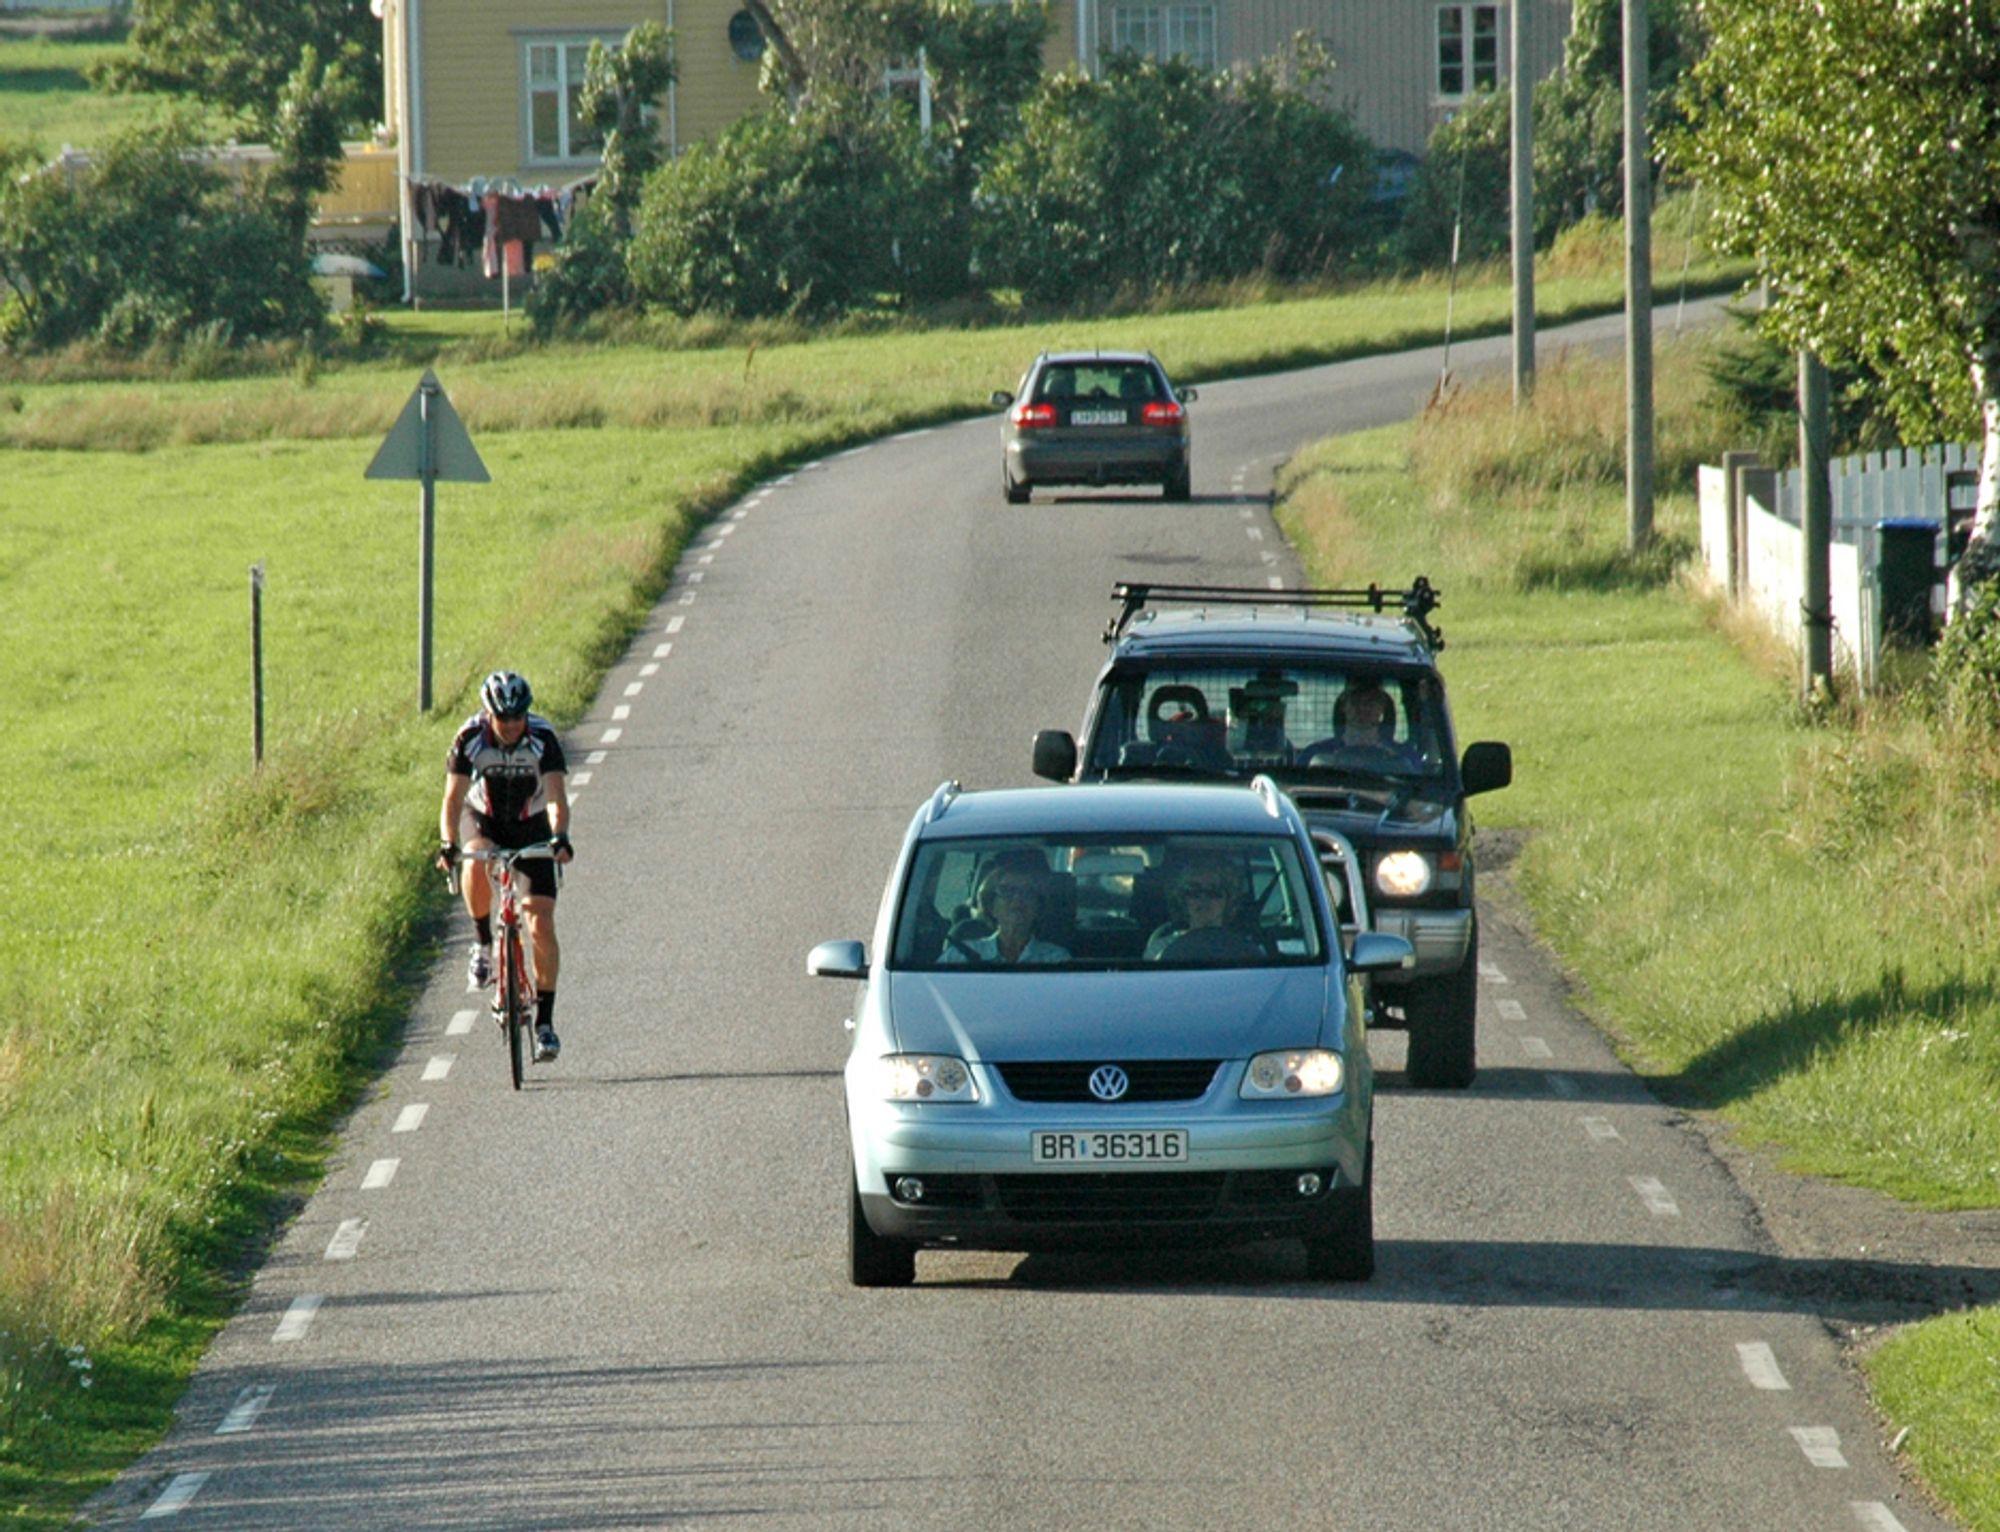 Ikke særlig hyggelig å sykle på denne vegen, som til og med mangler midtlinje. Men bil nr. BR 36316 gir iallfall syklisten god plass. Det er ingen selvfølge. I juni 2012 blir situasjonen mye bedre for alle slags trafikanter.